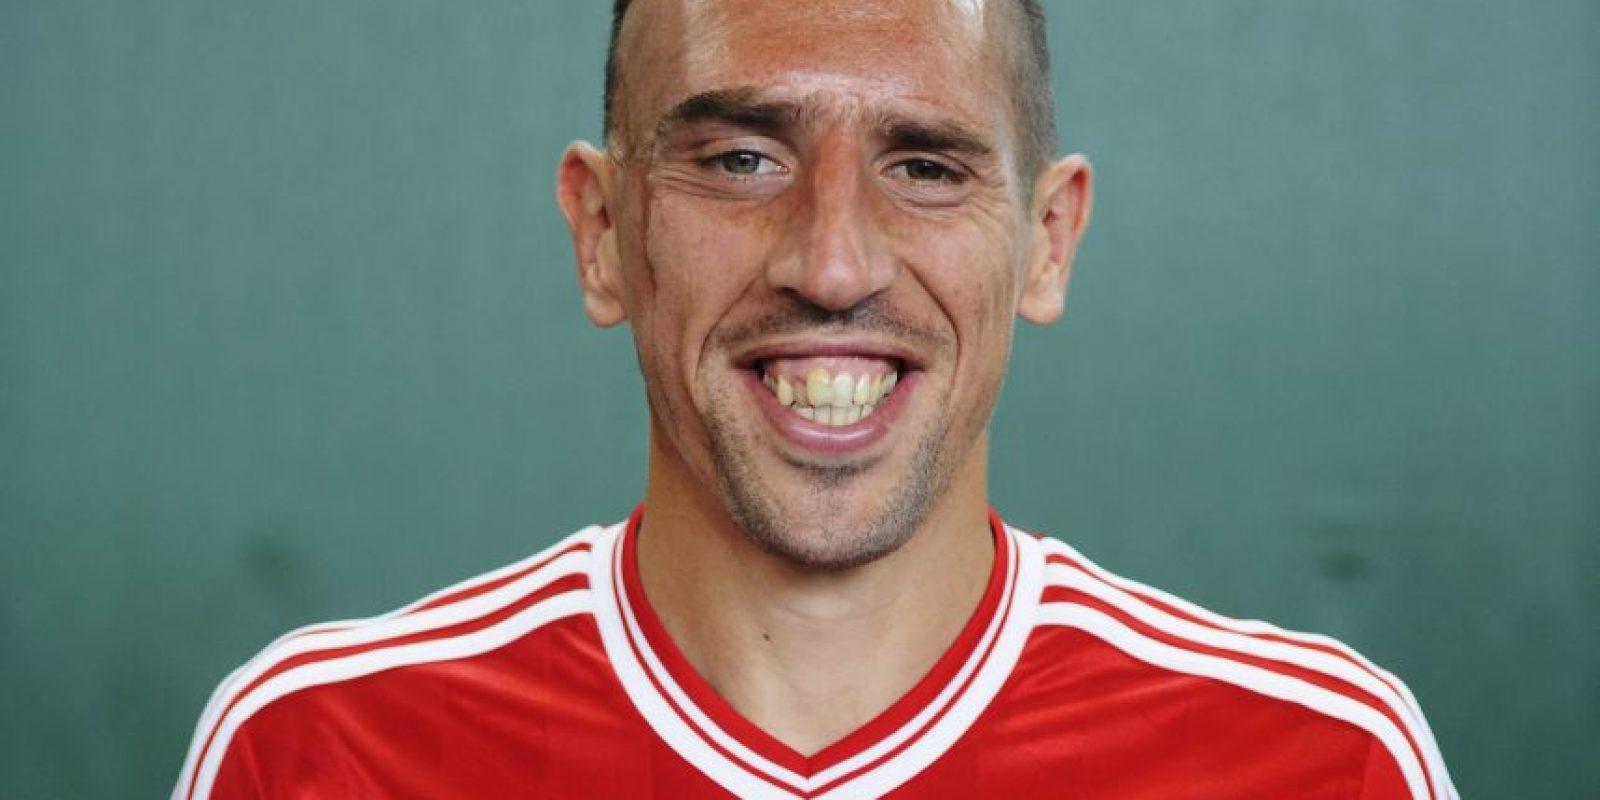 """Al futbolista del Bayern Munich le llaman """"Scarface"""" por la cicatriz que tiene en el rostro. Foto:Getty Images"""